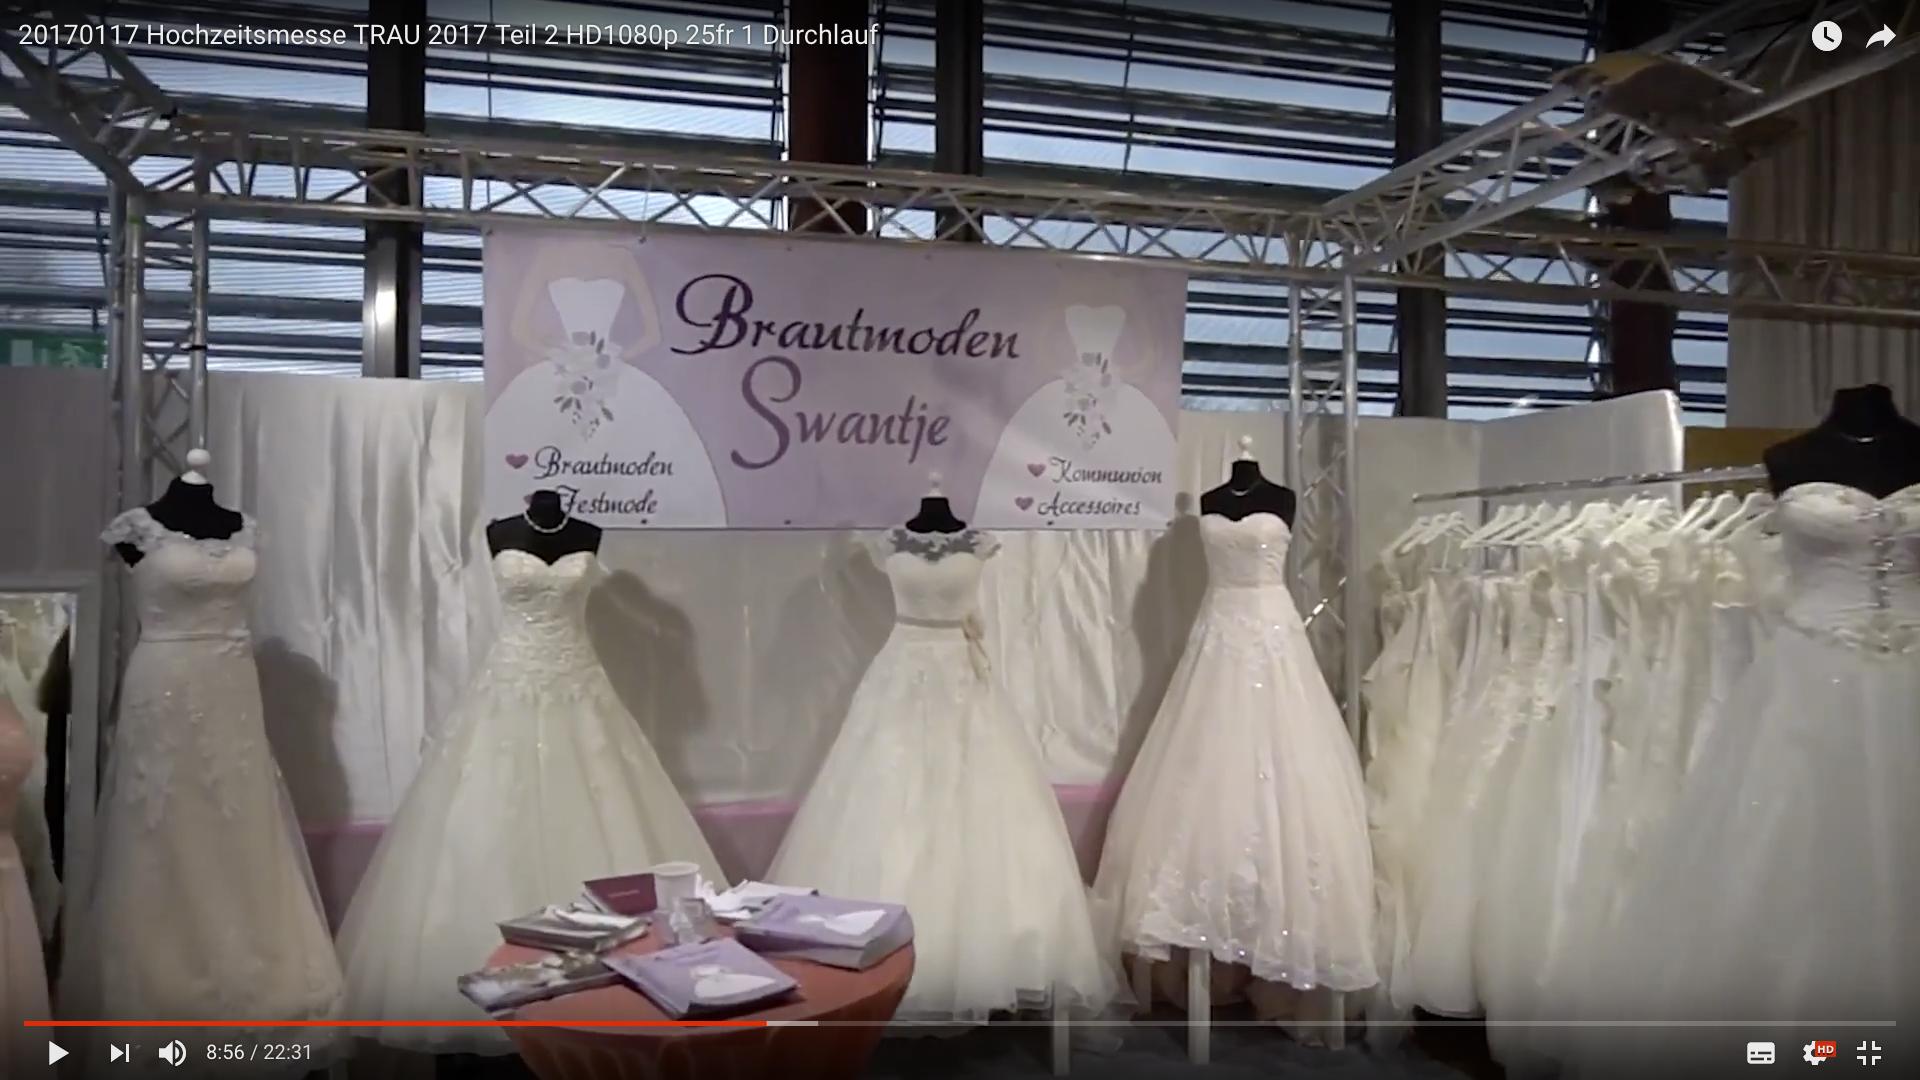 2017 Hochzeitsmesse TRAU Brautkleider _MSM_MEDIEN_SAAR_MOSEL_SAARLAND_FERNSEHEN_1_ED_SAAR